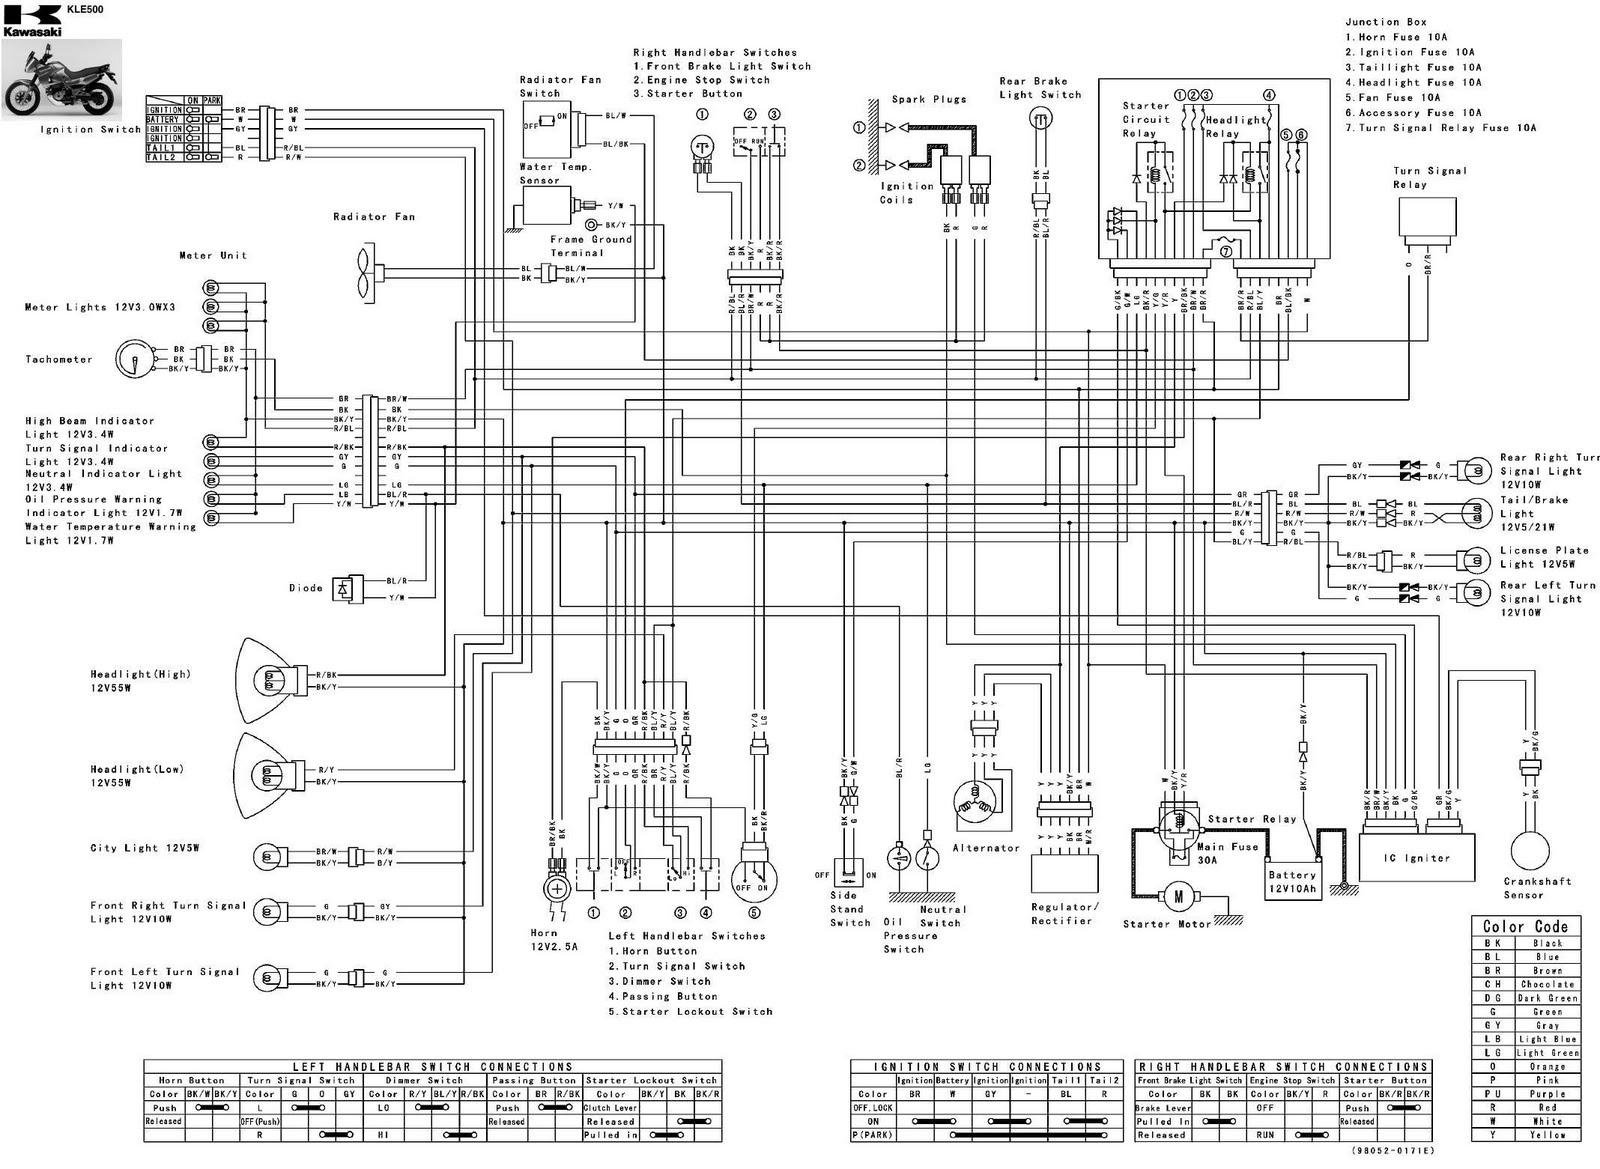 kawasaki ex500 wiring schematic wiring diagramkawasaki ex500 wiring diagrams 19 [ 1600 x 1169 Pixel ]